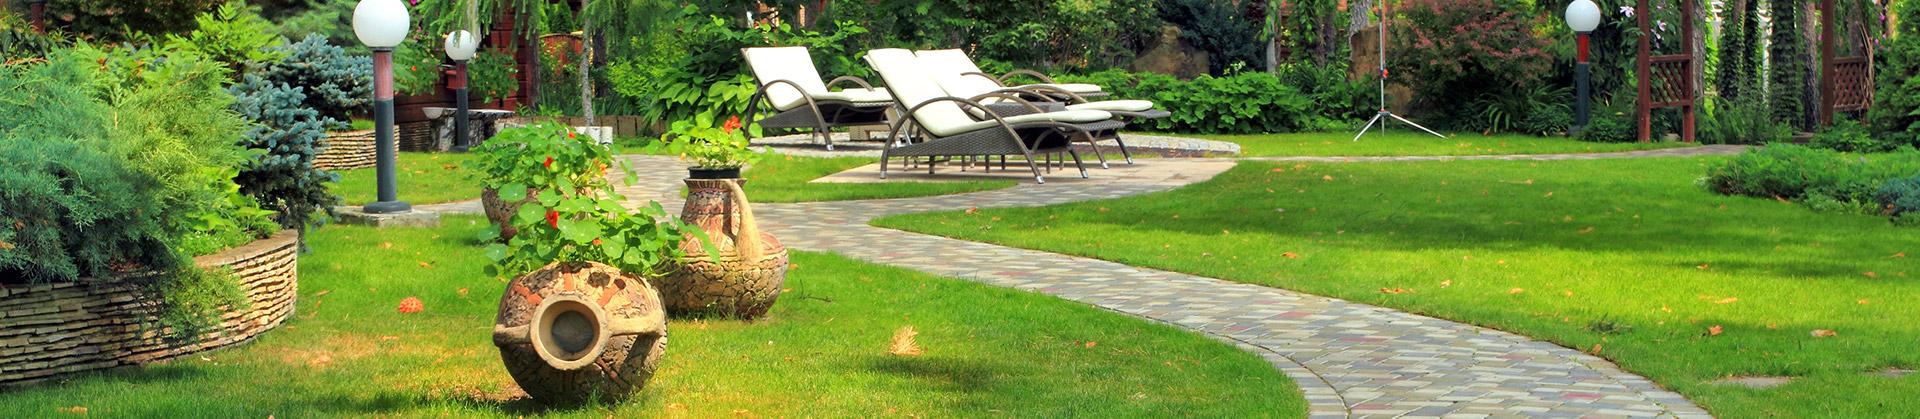 Gartenlandschaft mit Pflastersteinweg